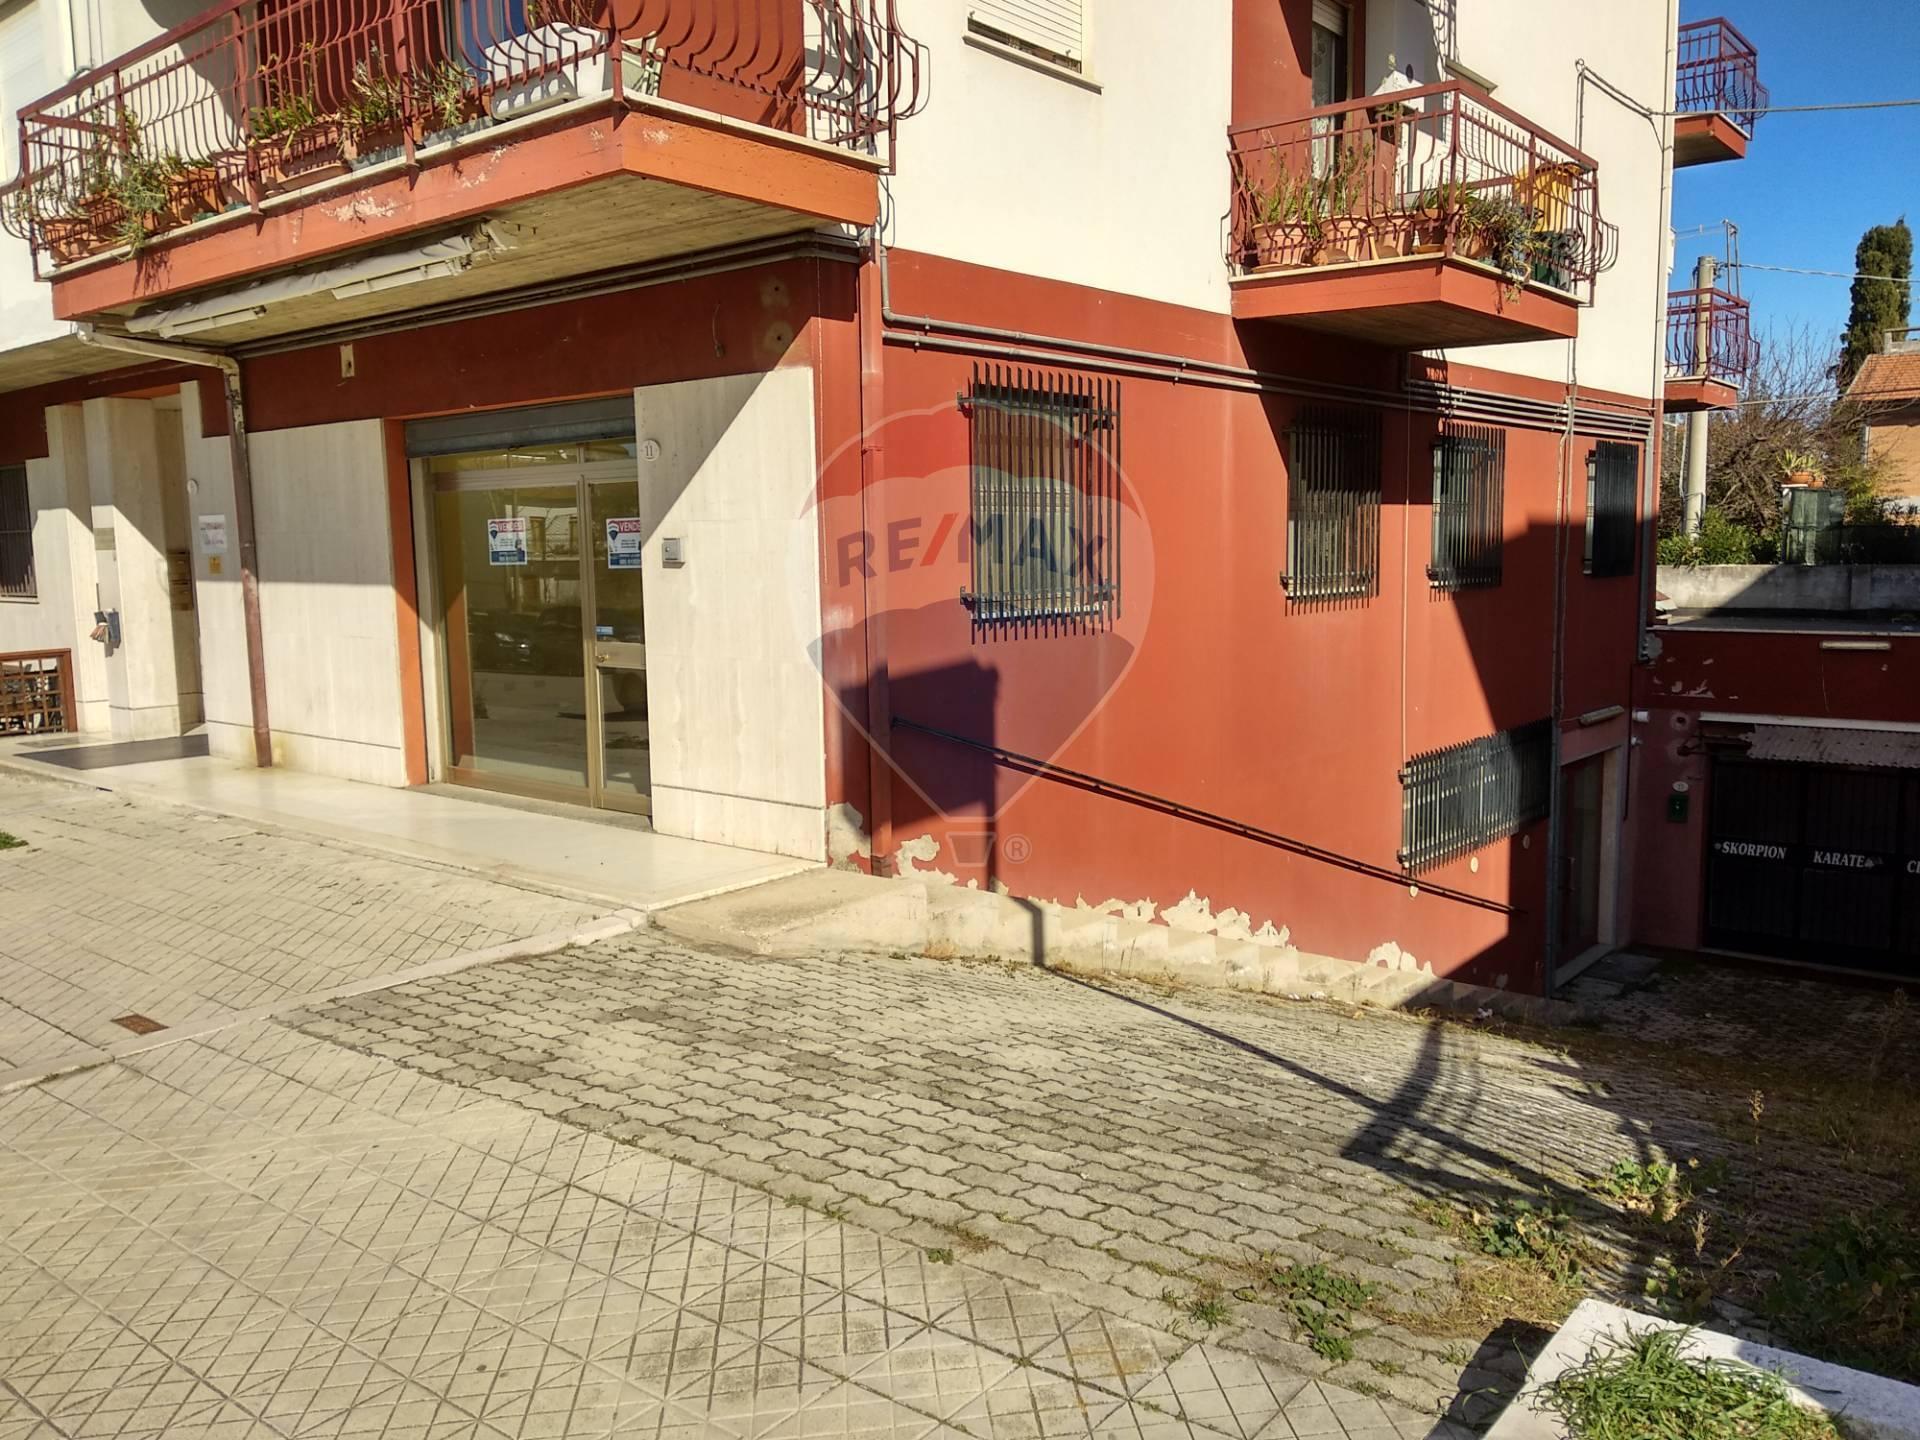 Magazzino in vendita a Fossacesia, 2 locali, prezzo € 40.000   CambioCasa.it